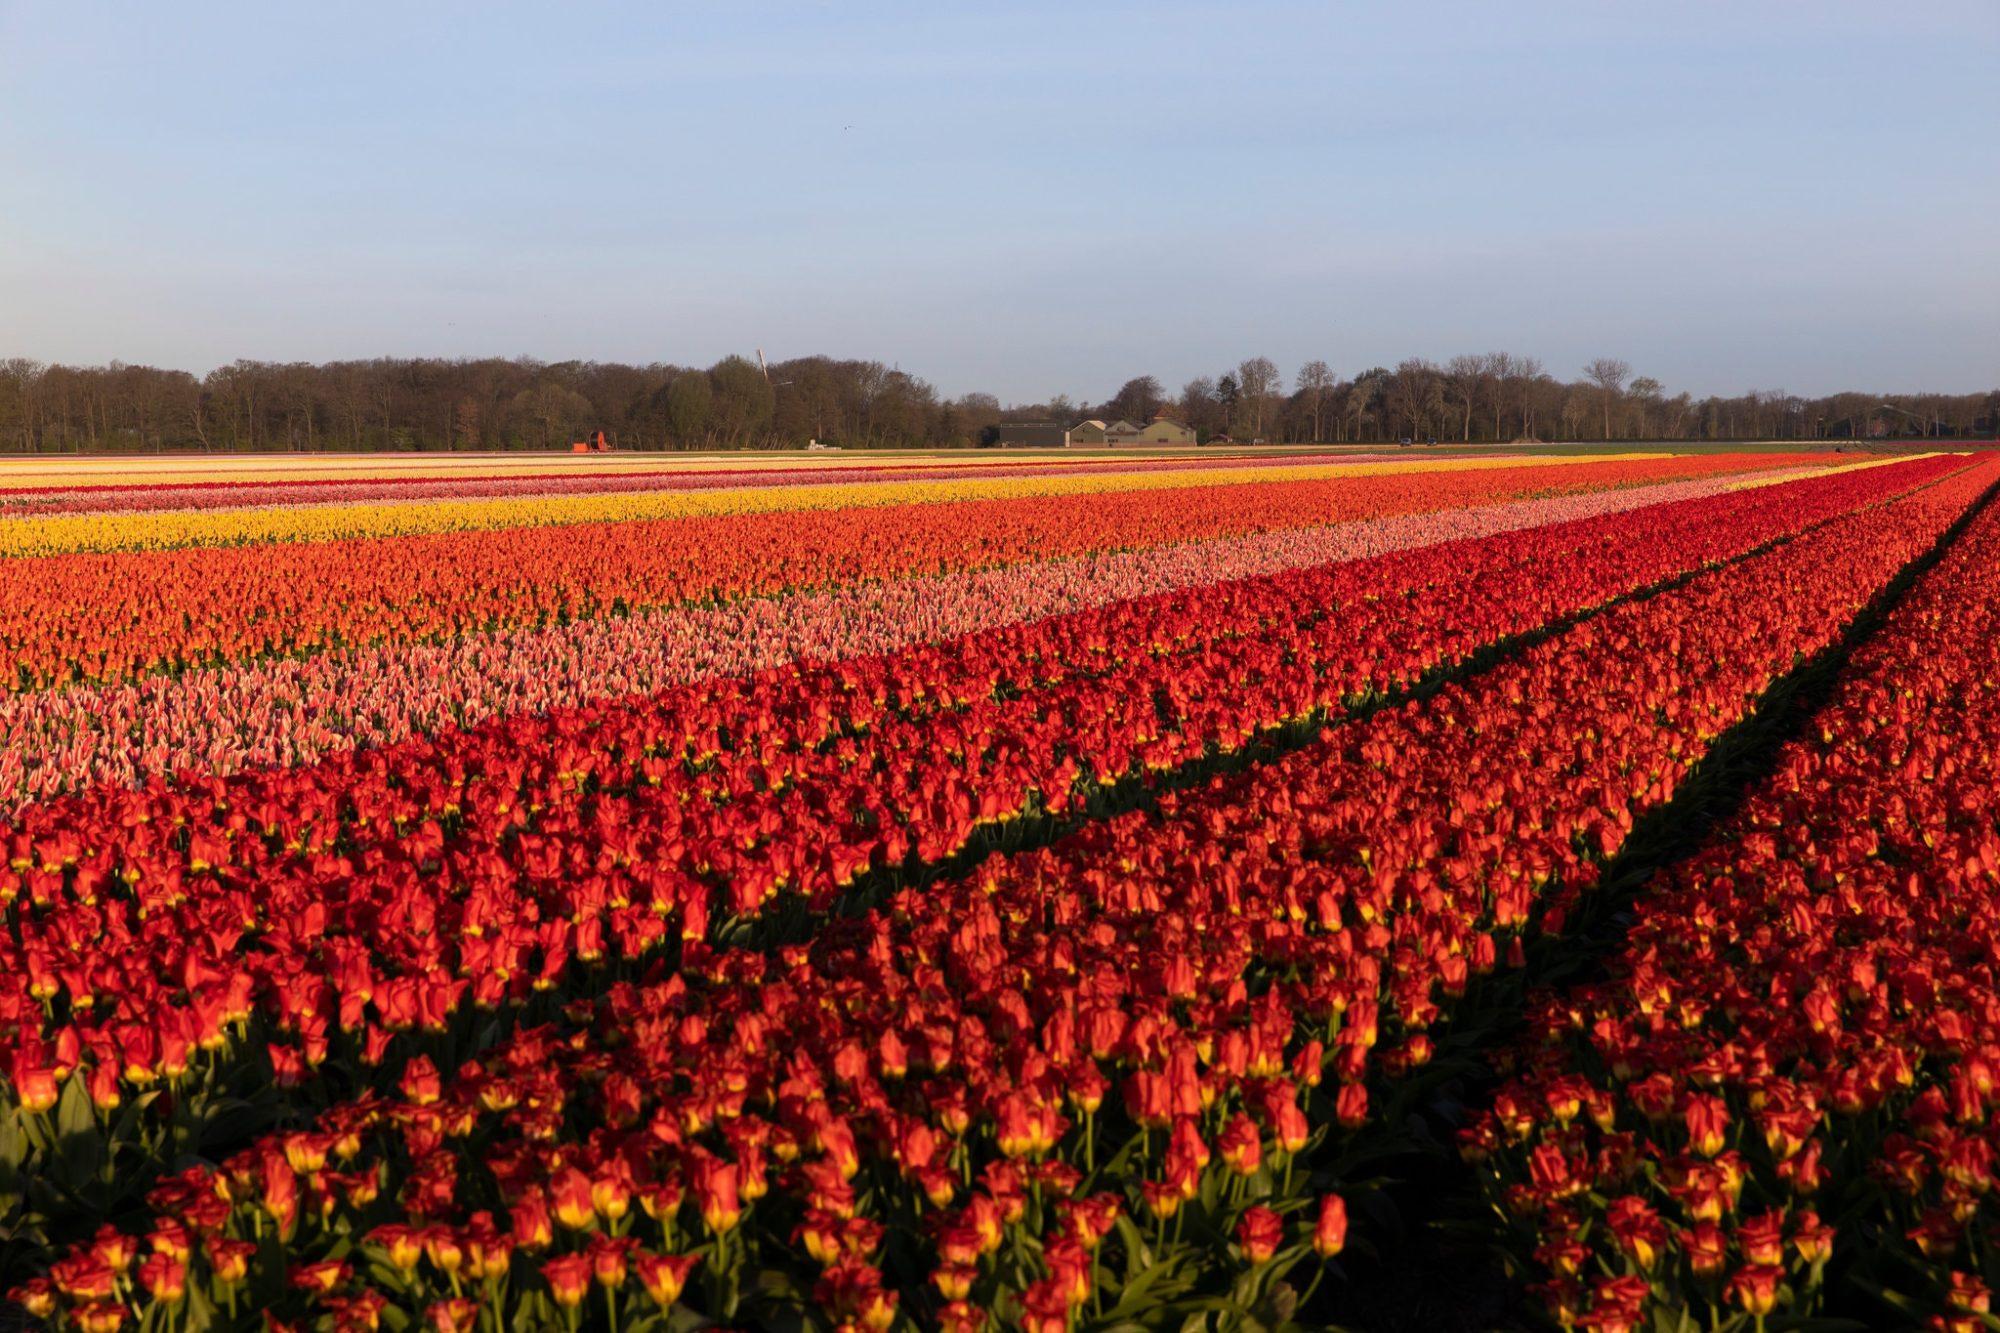 В Нідерландах через пандемію за місяць знищили 400 млн тюльпанів - тюльпани, Нідерланди, карантин - 14 tyulpany2 2000x1333